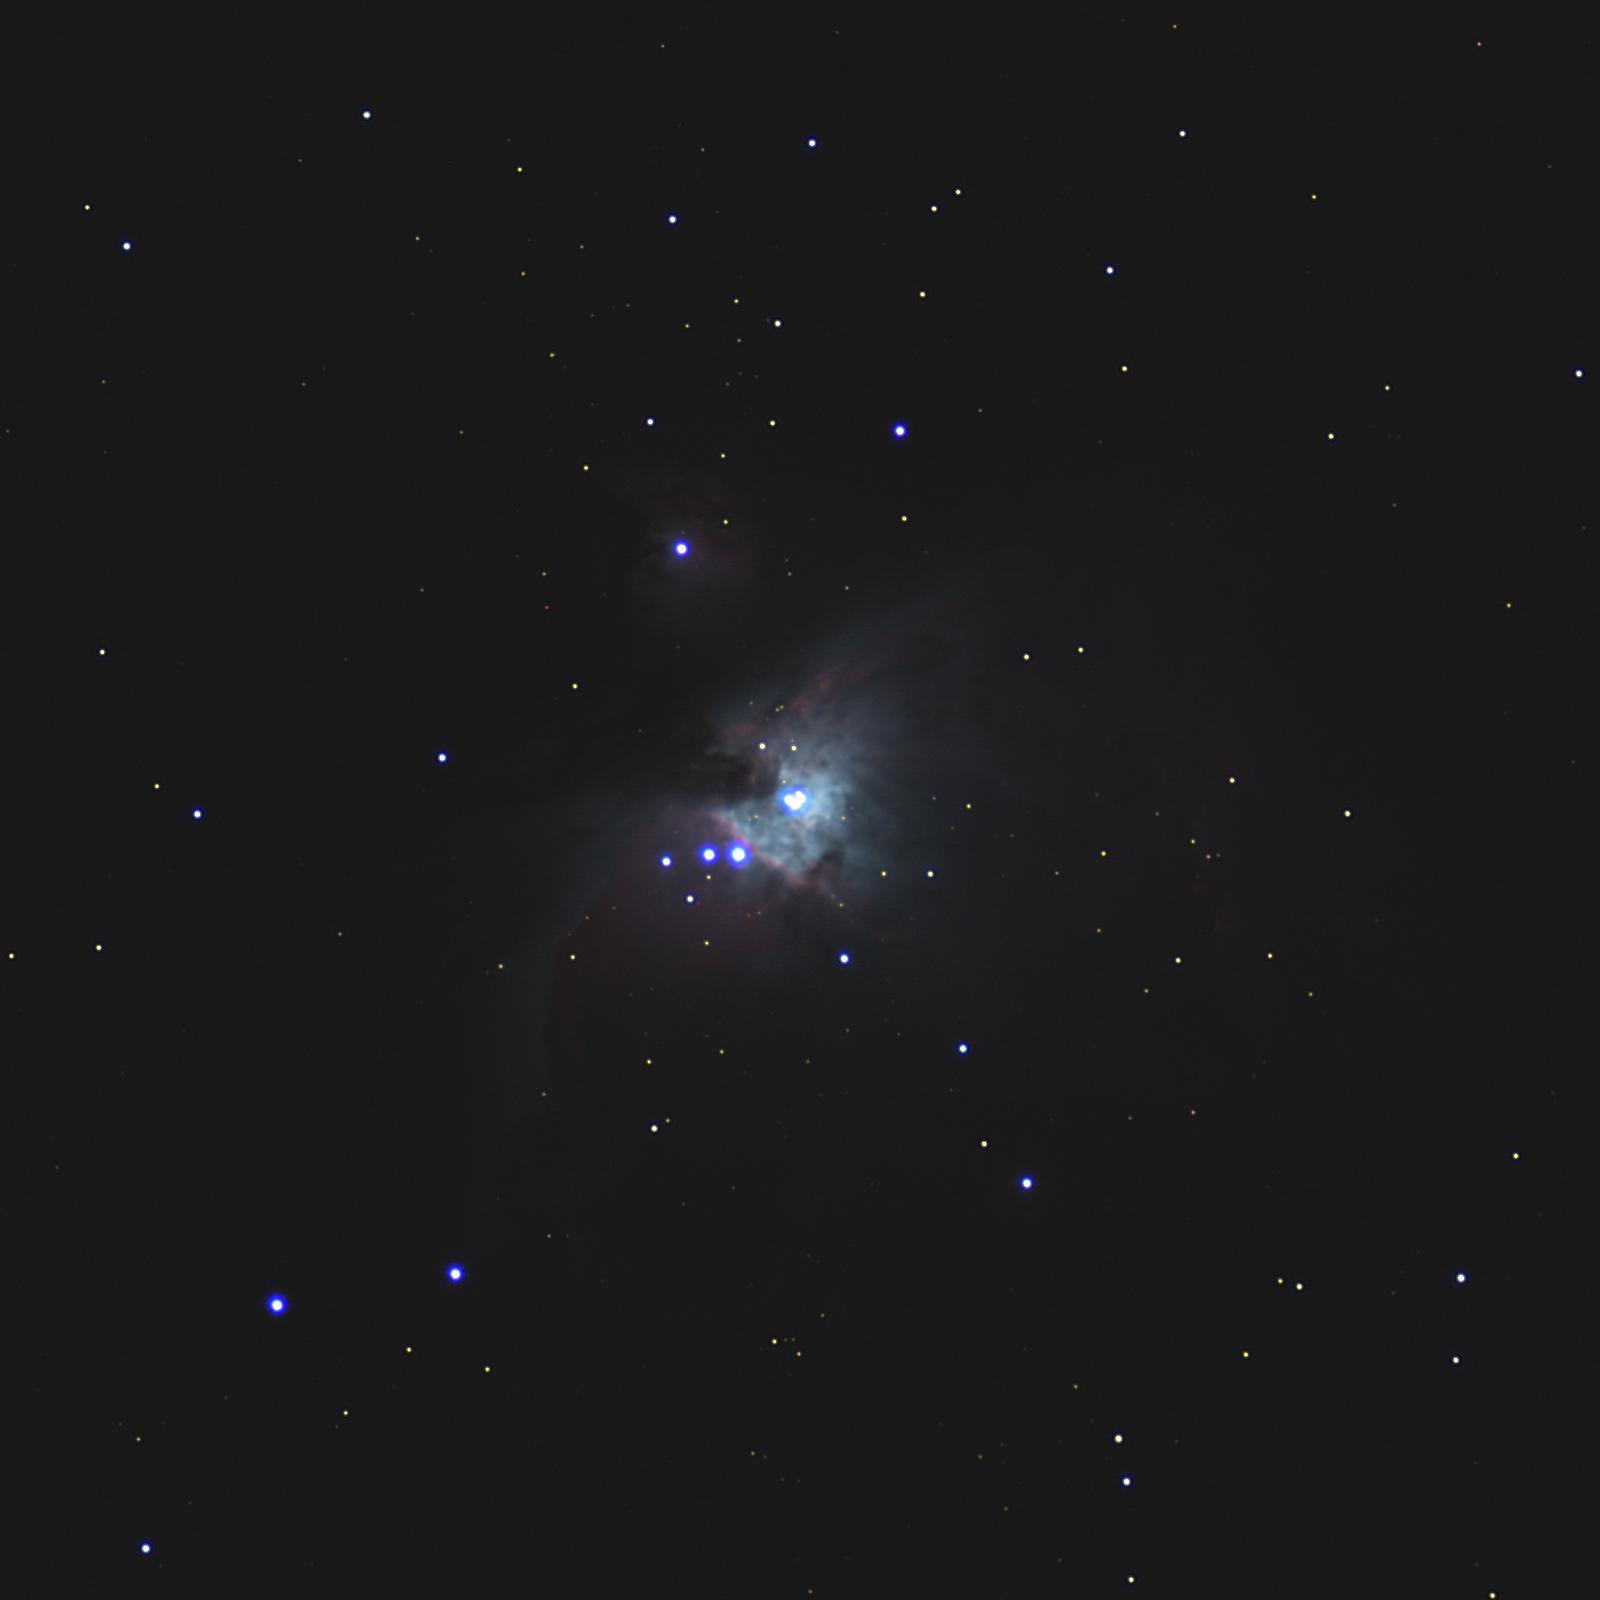 M42_75edhf_10204080150sec